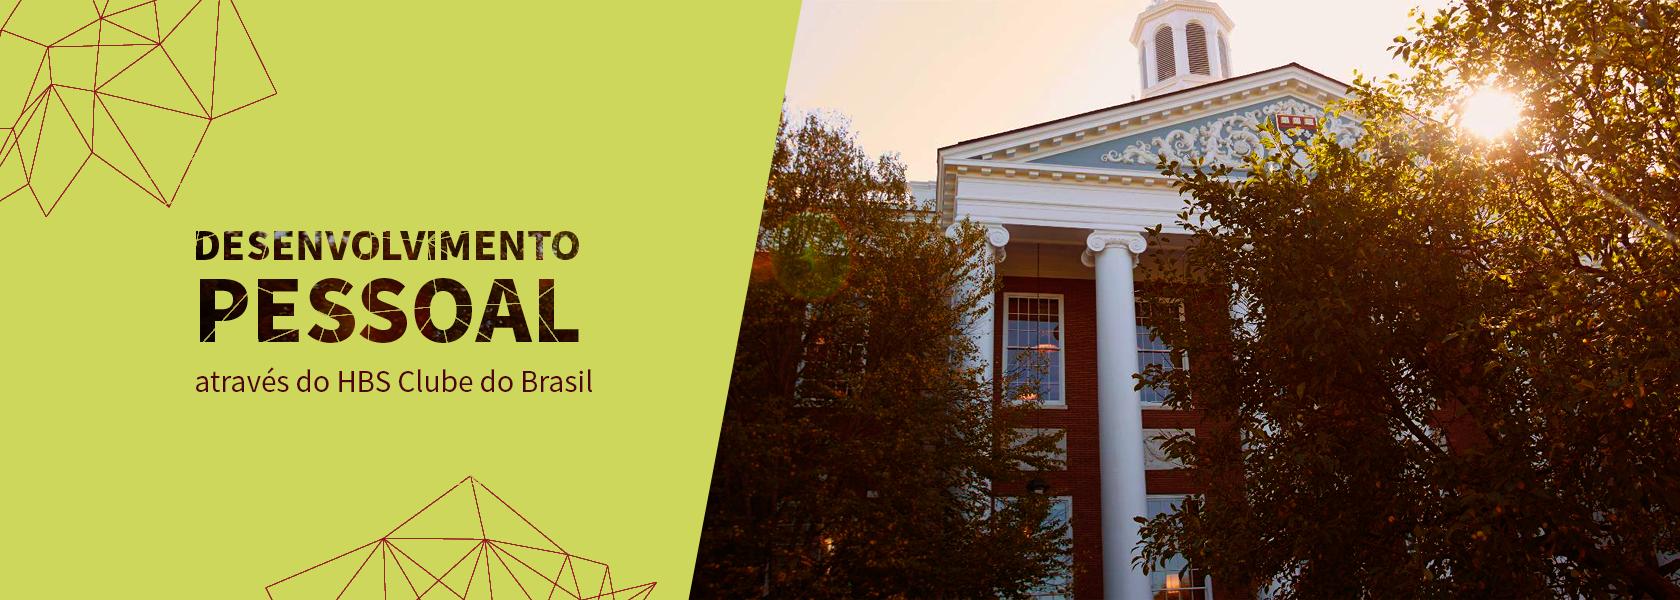 Desenvolvimento Pessoal através do HBS Clube do Brasil